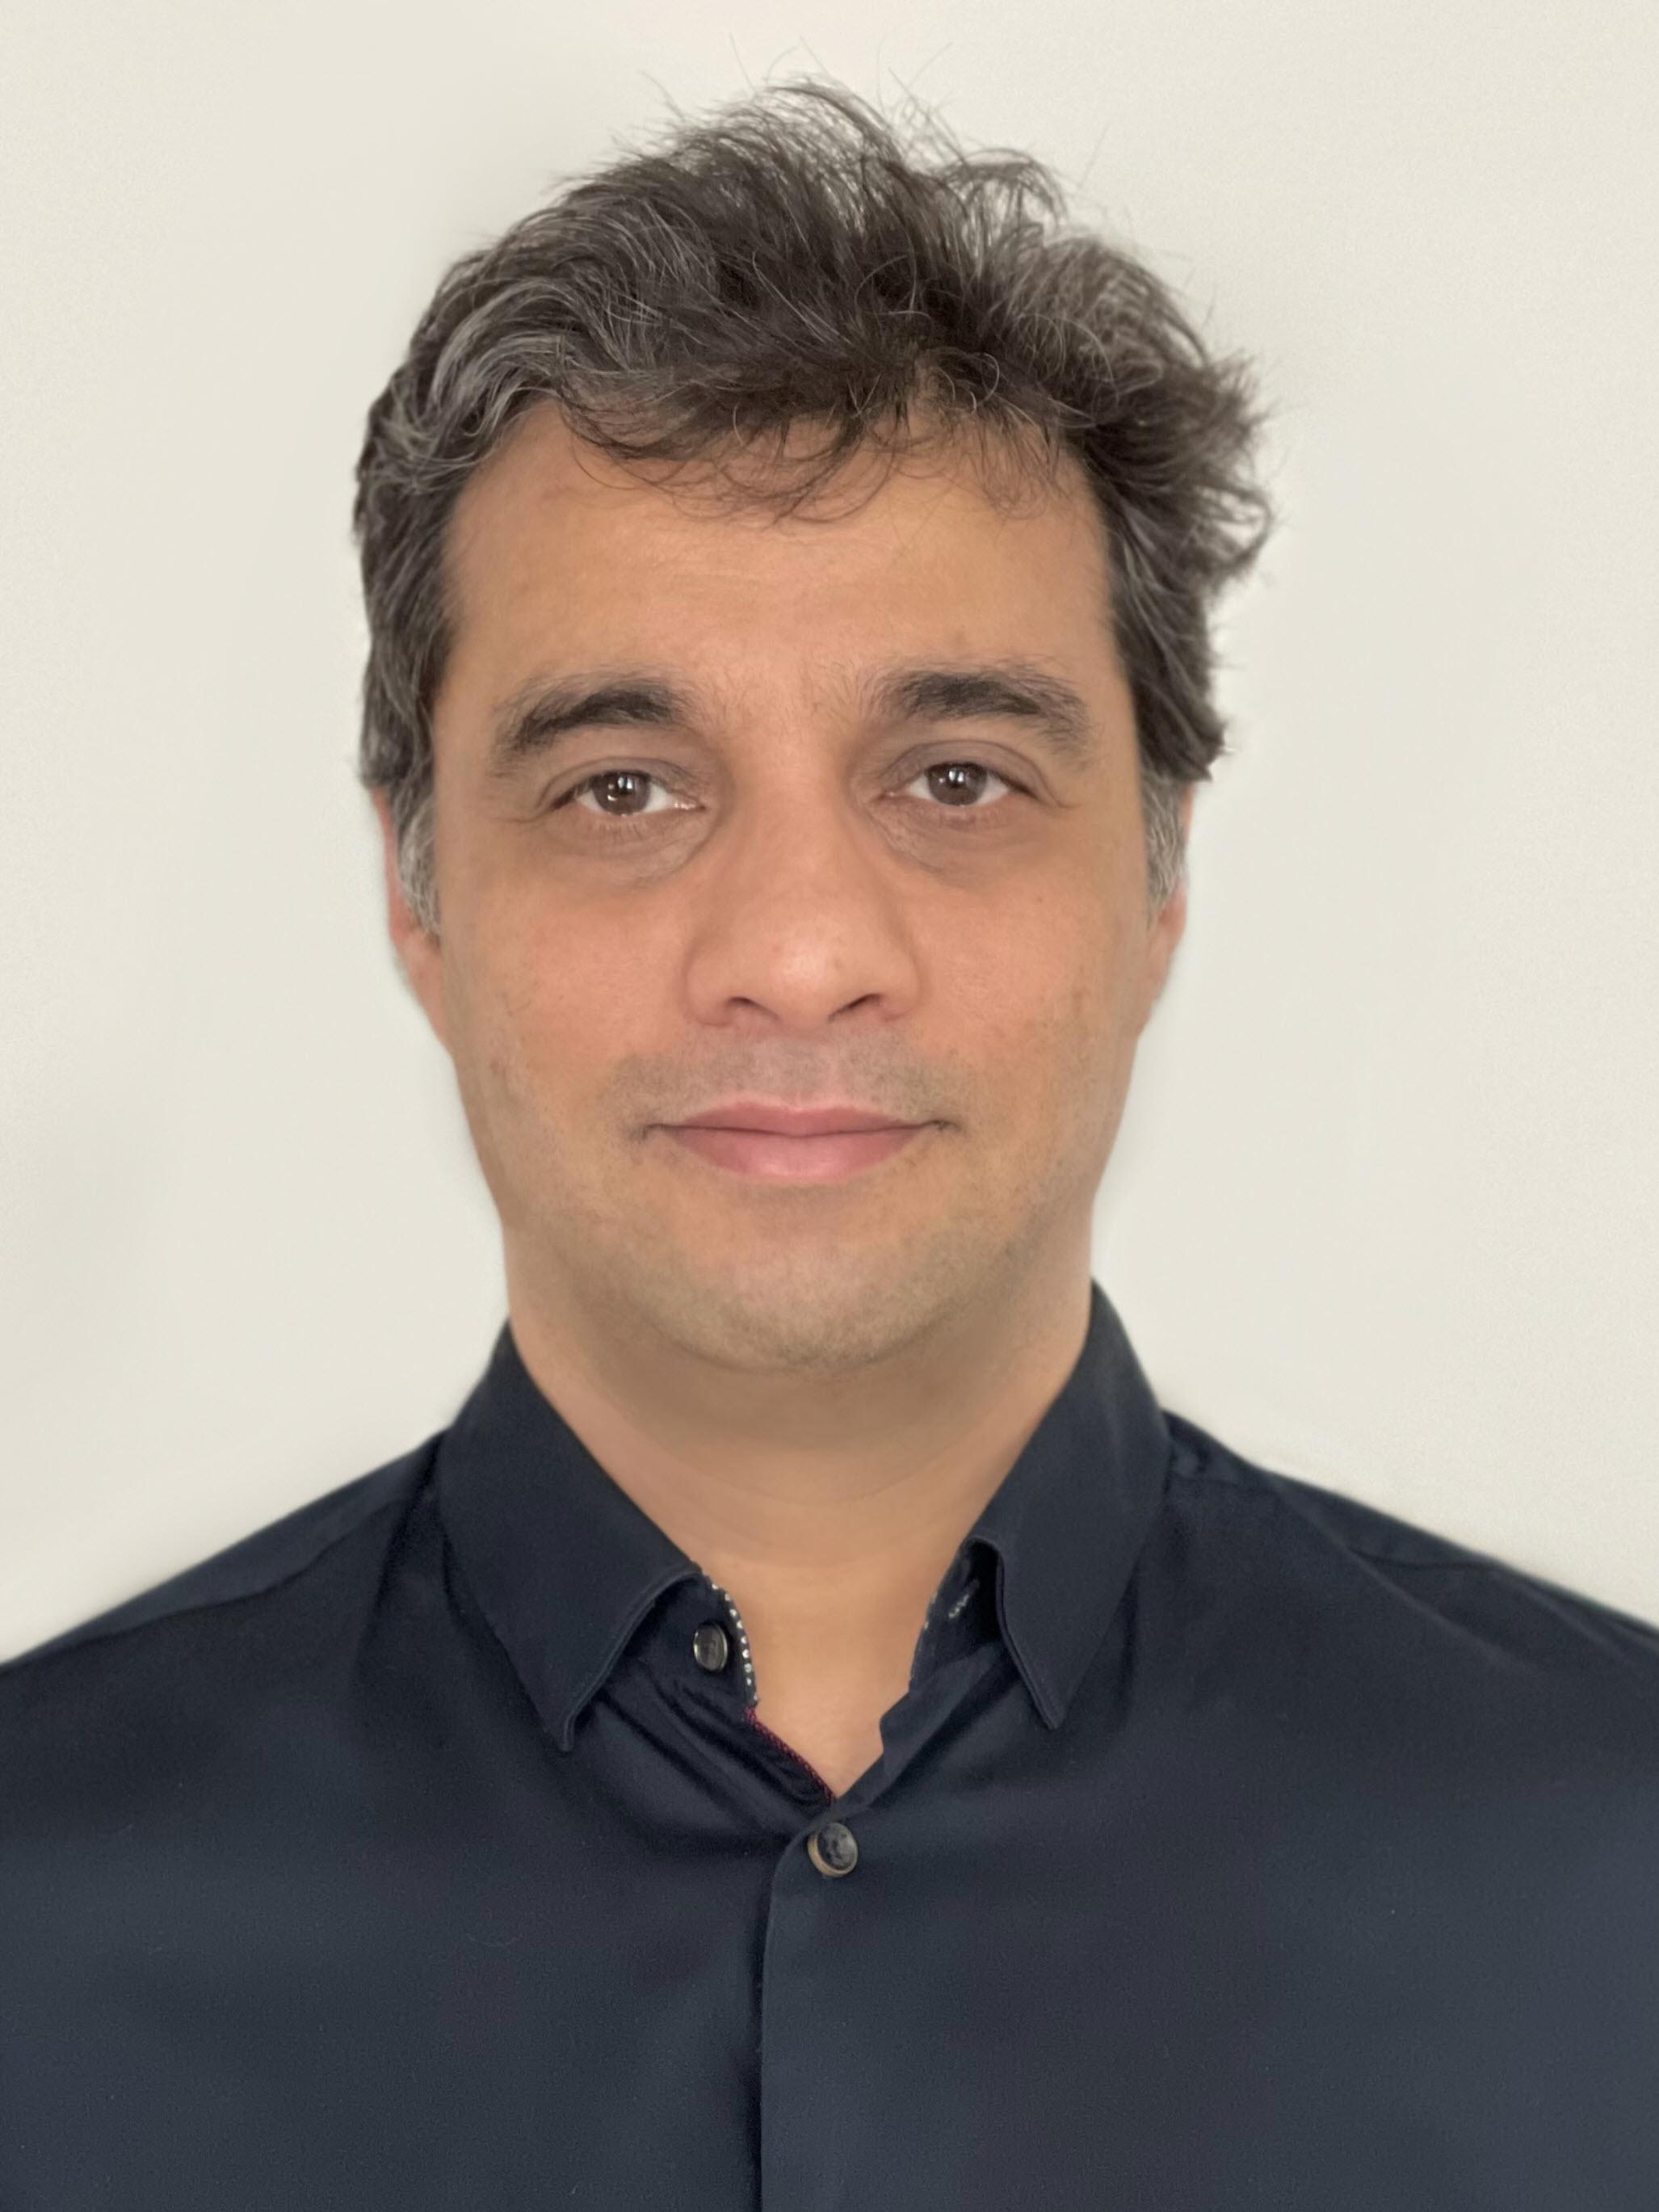 Ashu Joshi